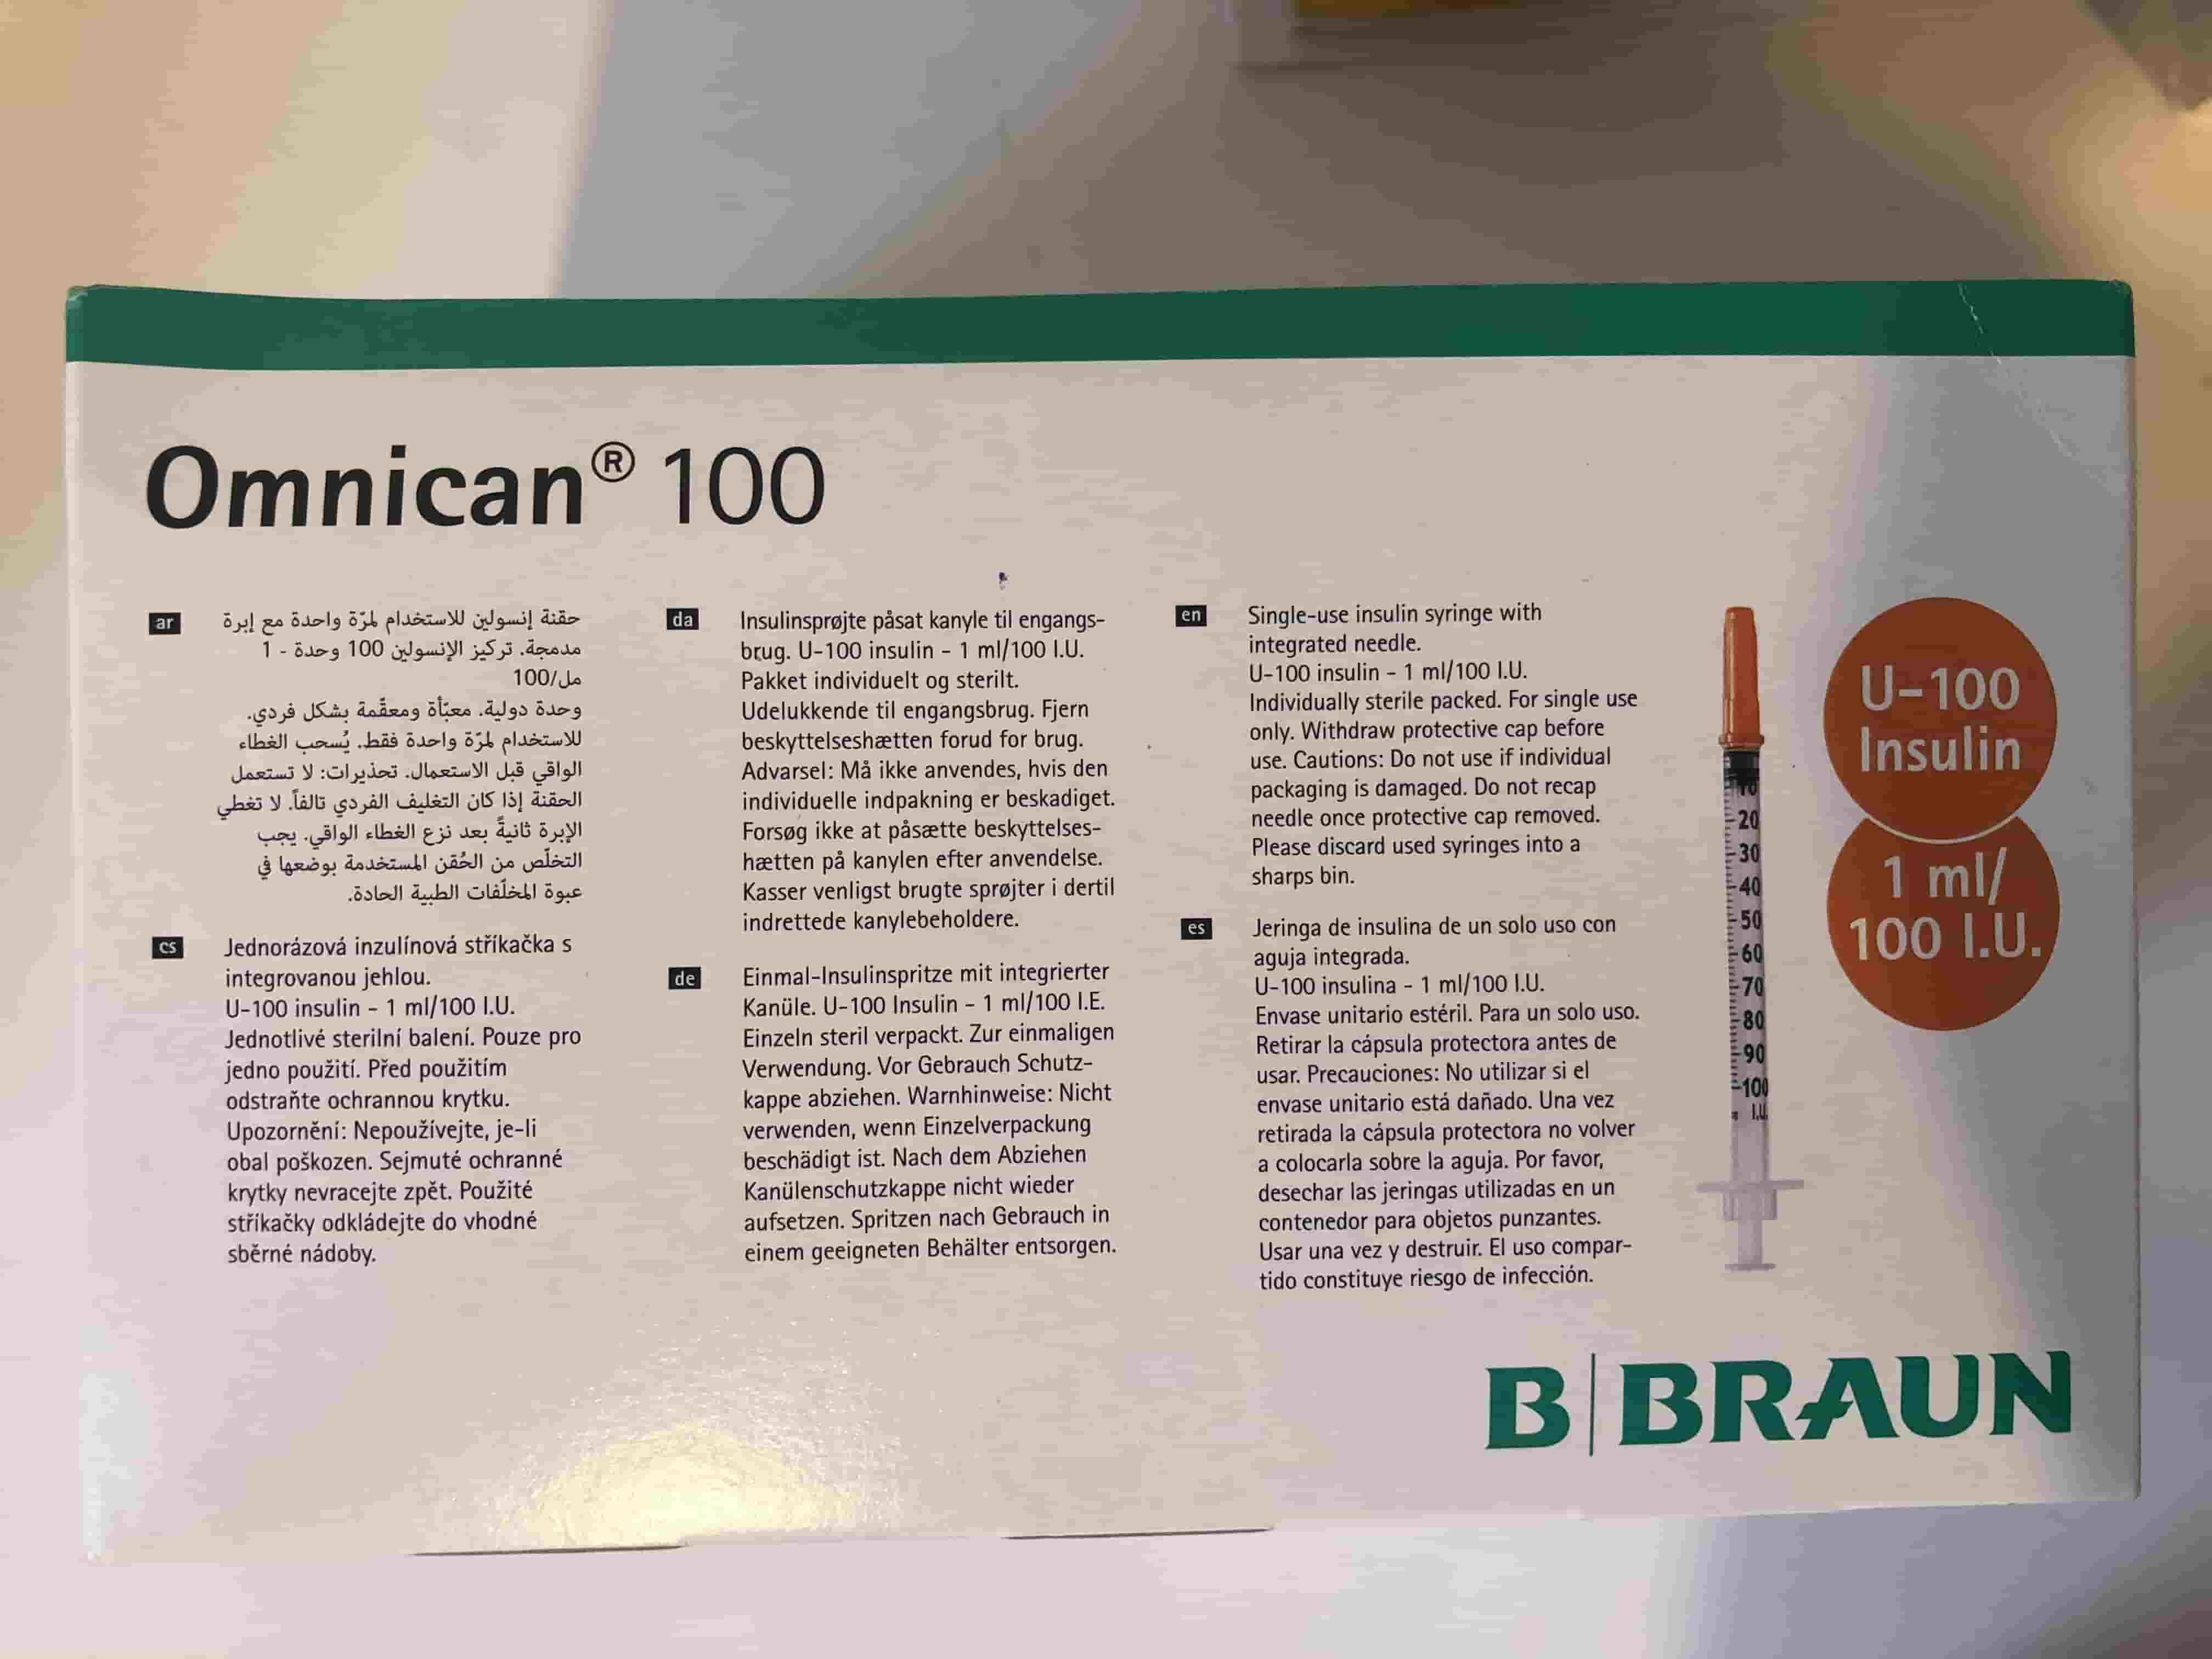 BƠM TIÊM 1 cc 100 BRAUN ( KIM ĐẦU ĐỎ KIM TIÊM TIỂU ĐƯỜNG) H/100 cây